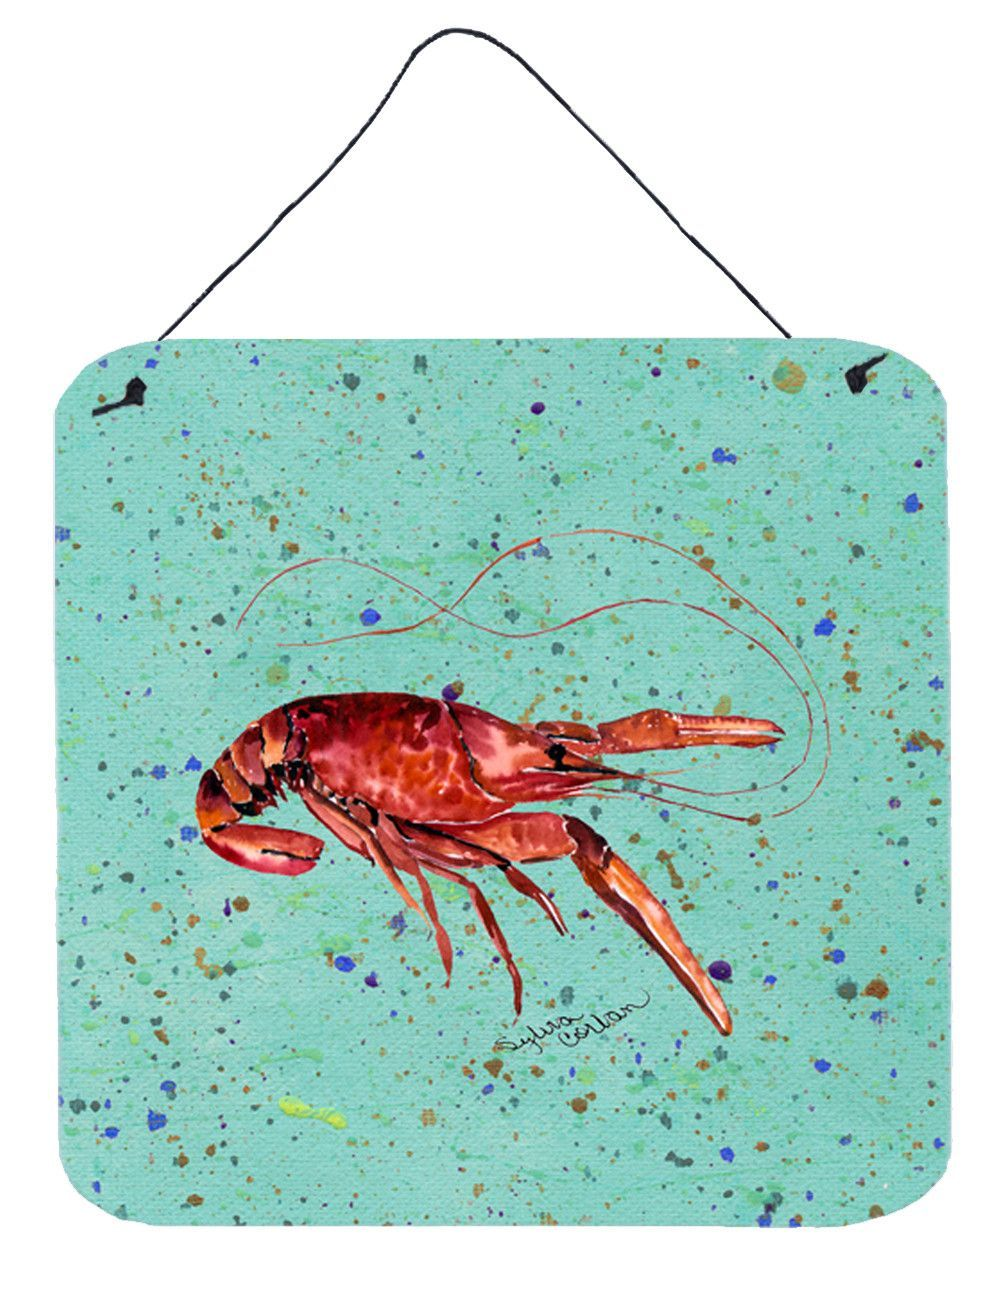 Crawfish Aluminium Metal Wall or Door Hanging Prints